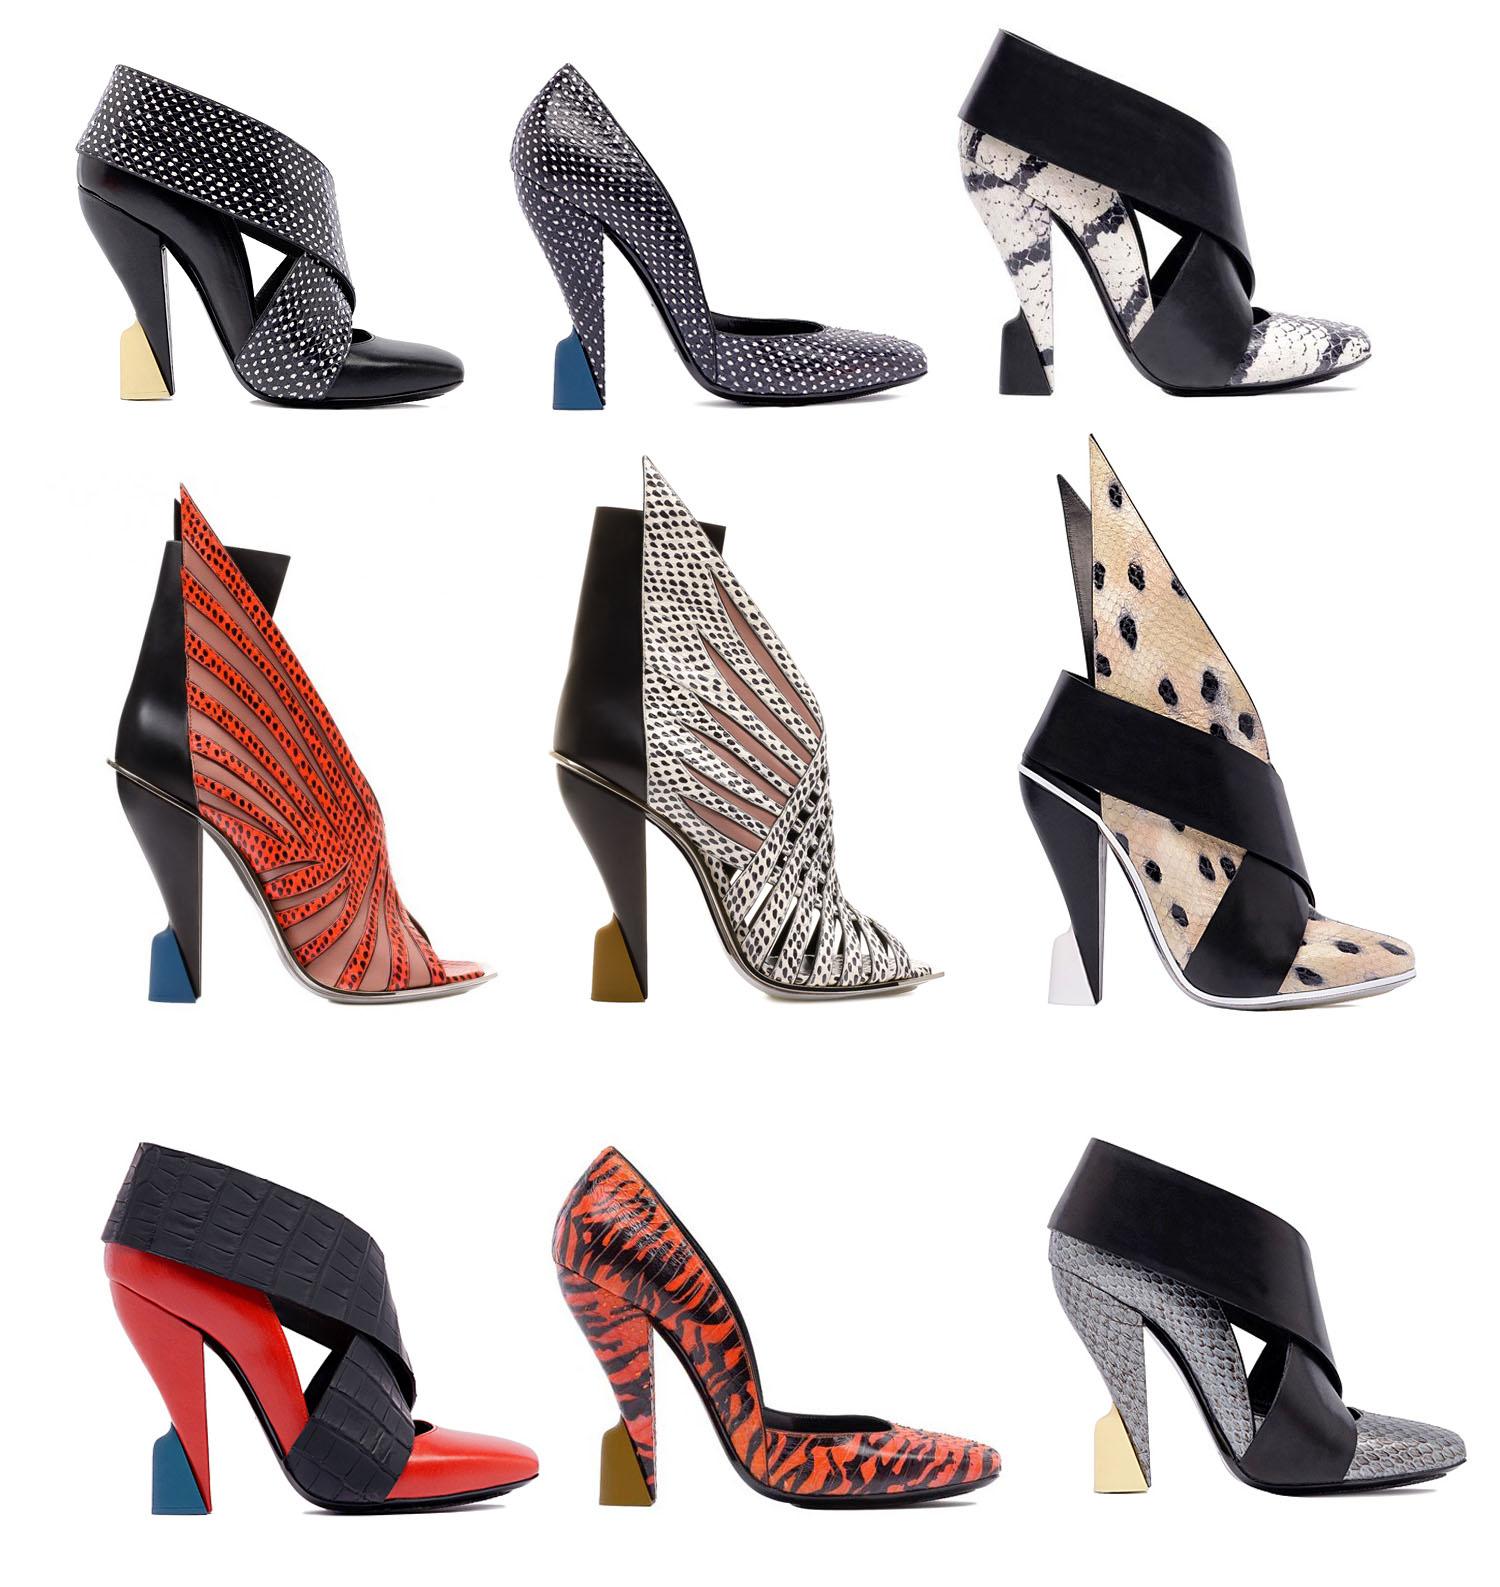 http://4.bp.blogspot.com/-4HHCQbG802s/TyB-JzWdWRI/AAAAAAAAHF0/o2UyDmU5rWc/s1600/balanciaga+shoes.jpg